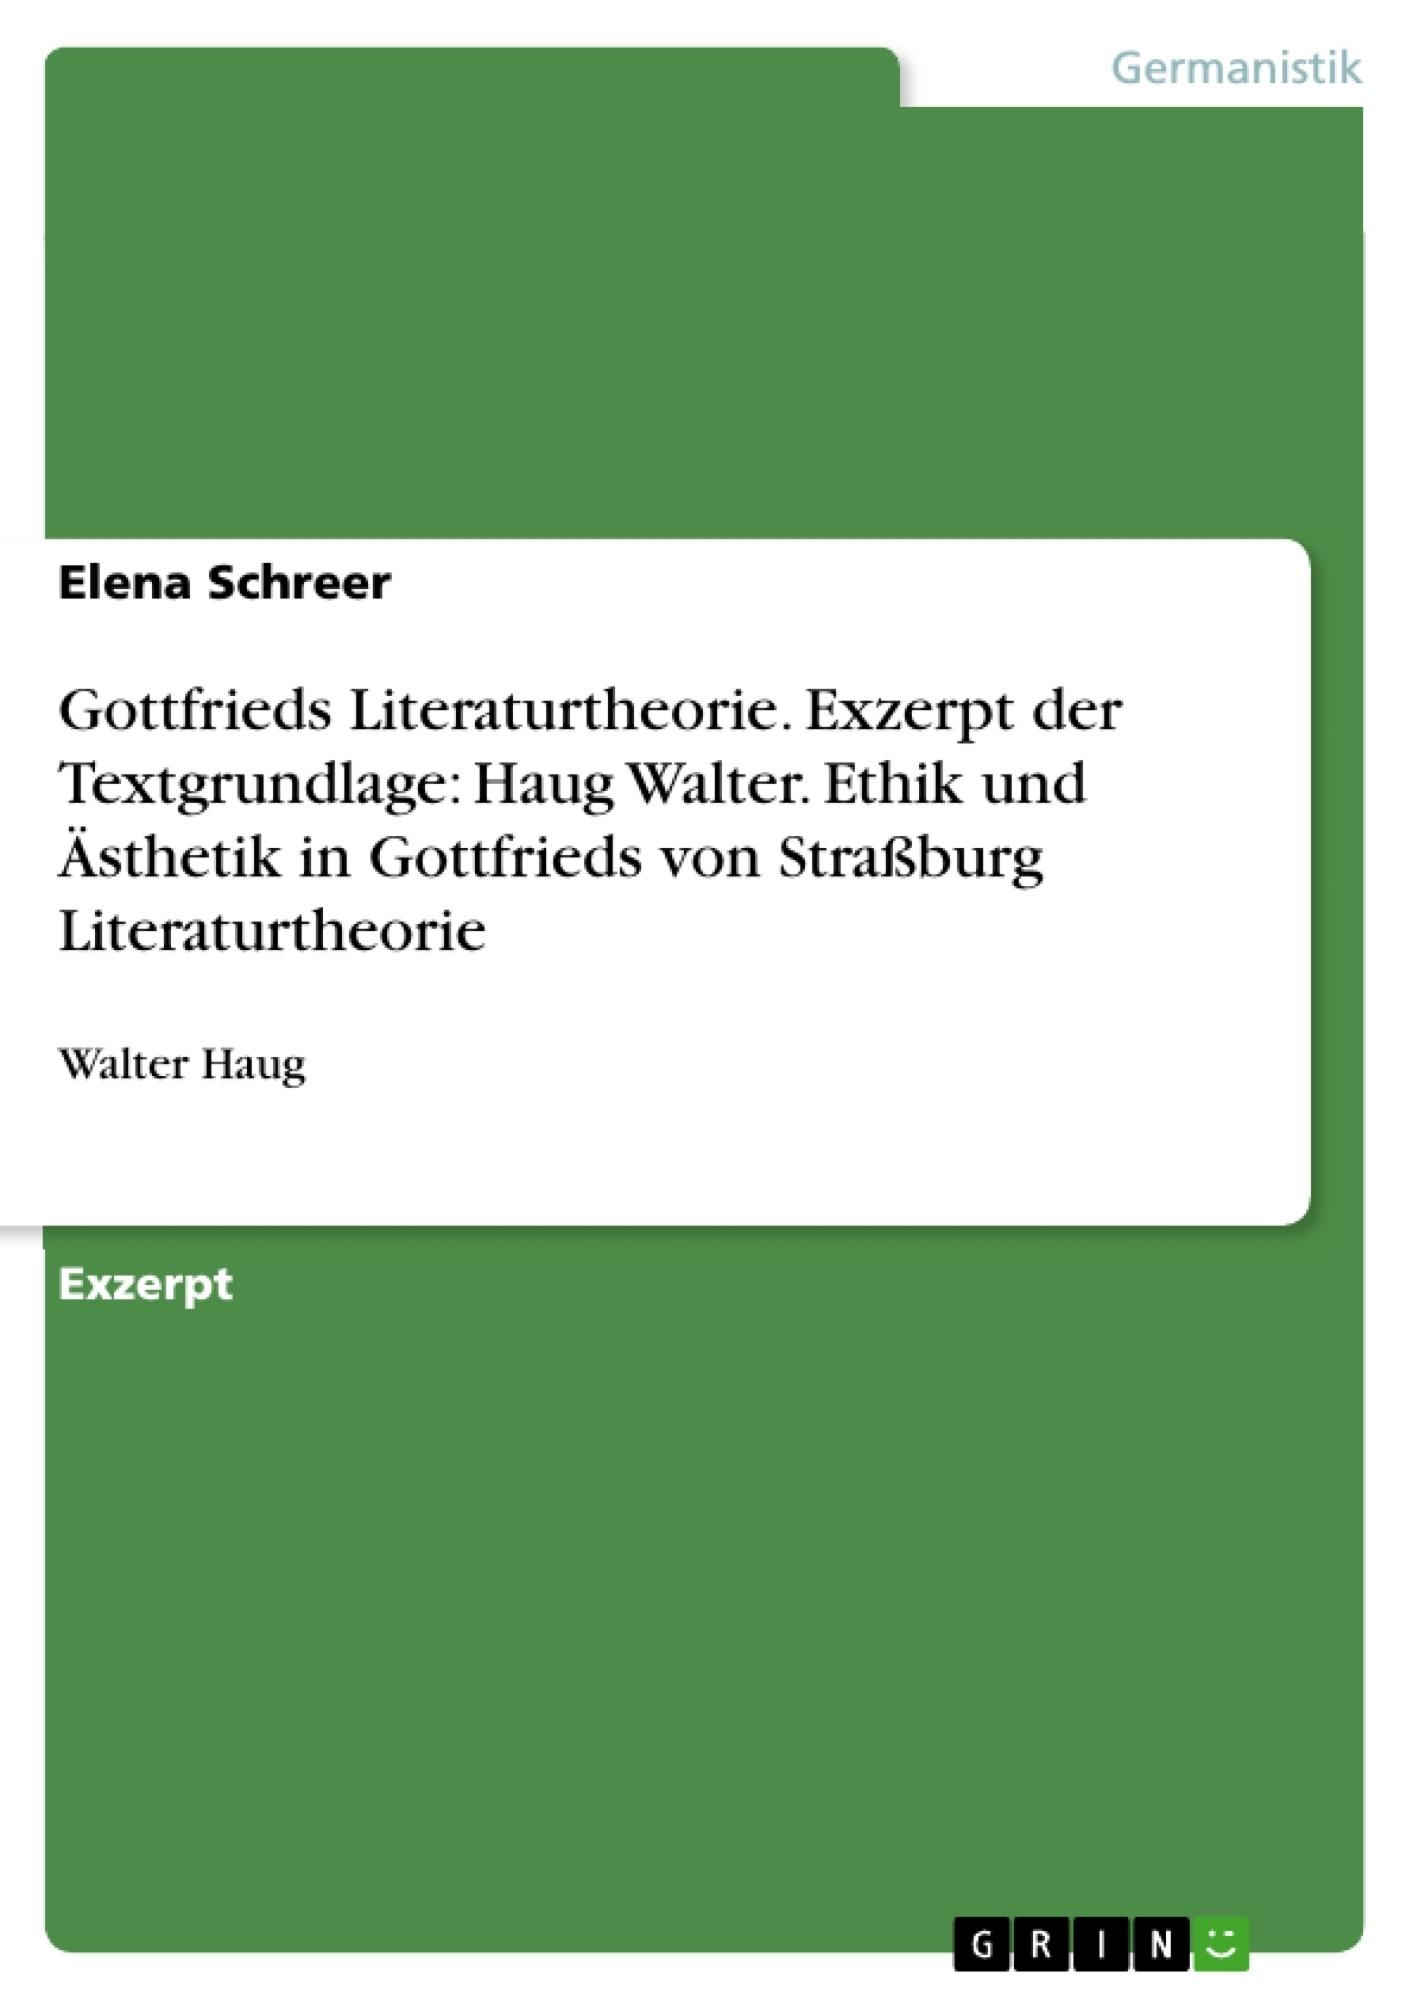 Titel: Gottfrieds Literaturtheorie. Exzerpt der Textgrundlage: Haug Walter. Ethik und Ästhetik in Gottfrieds von Straßburg Literaturtheorie